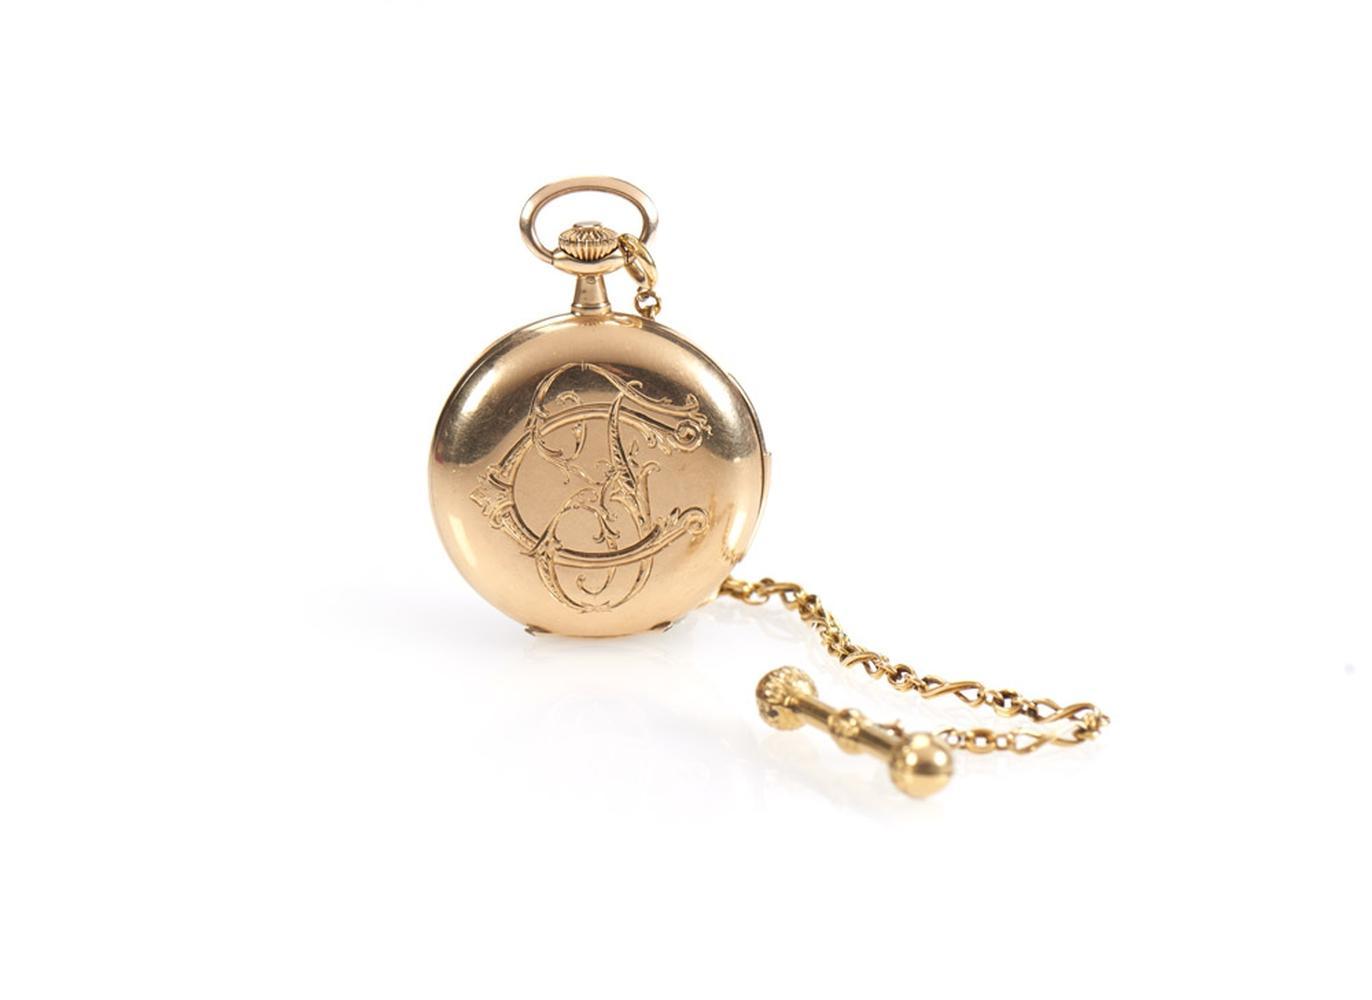 Relógio de bolso em ouro 750%, P.bruto:88,3g